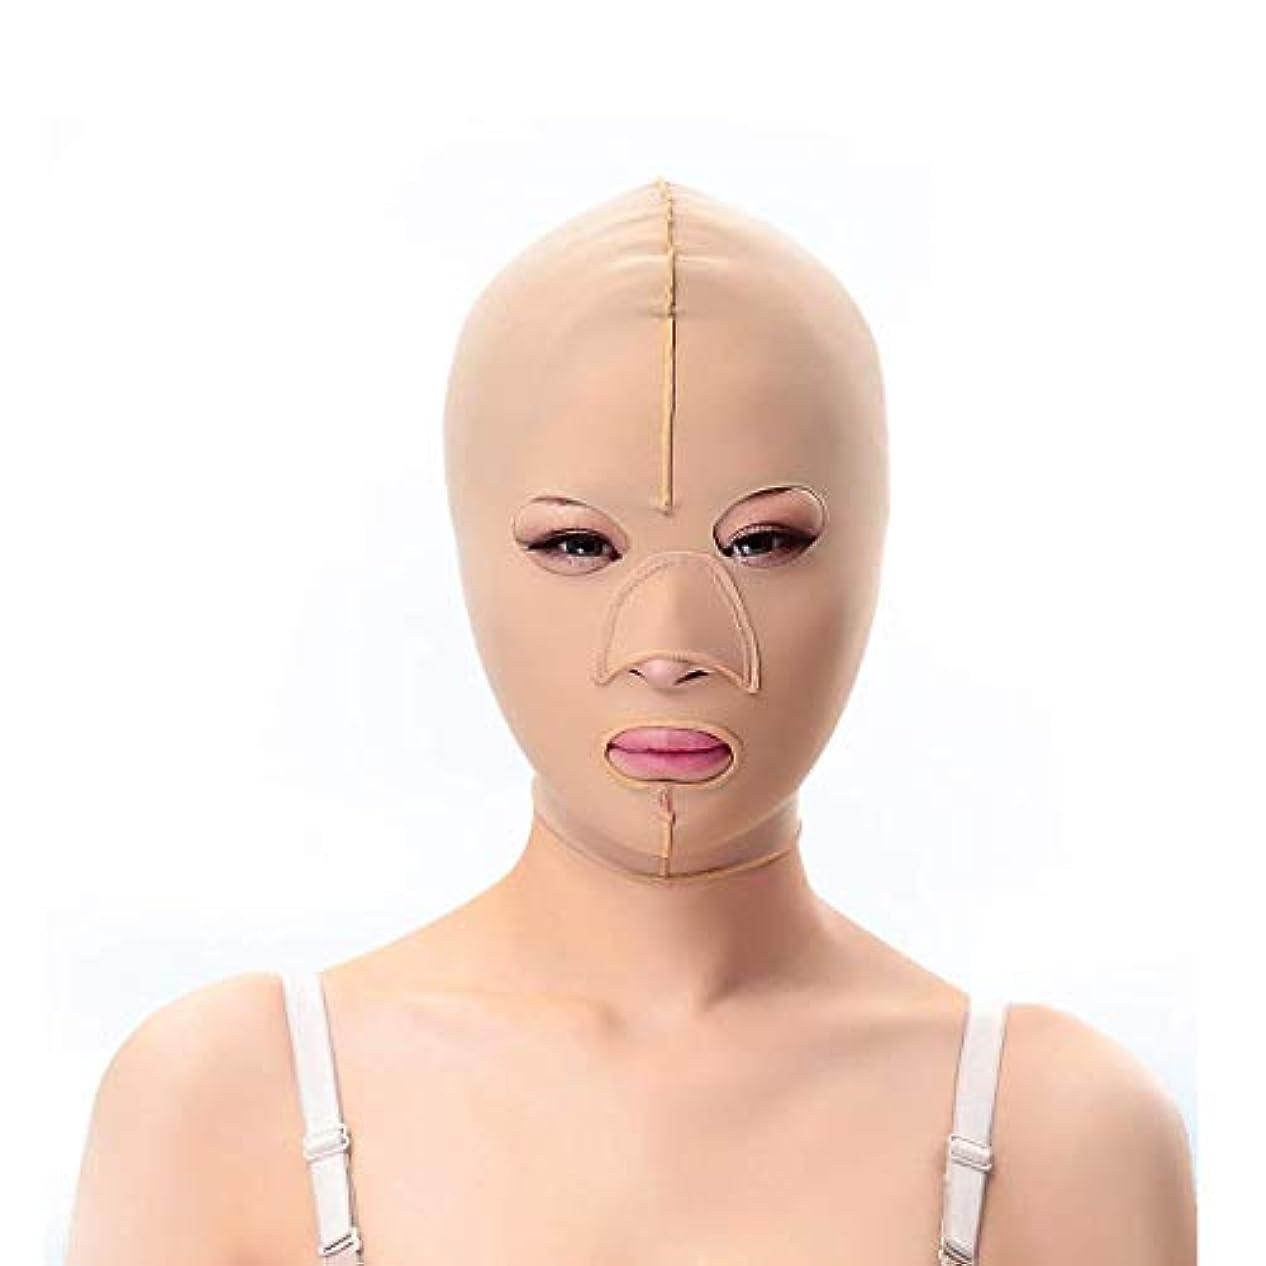 幻滅クレデンシャルおんどりスリミングベルト、二重あごの引き締め顔のプラスチックフェイスアーティファクト強力なフェイス包帯を脇に持ち上げるパターンを欺くためのフェイシャルマスクシンフェイスマスク(サイズ:L),Xl